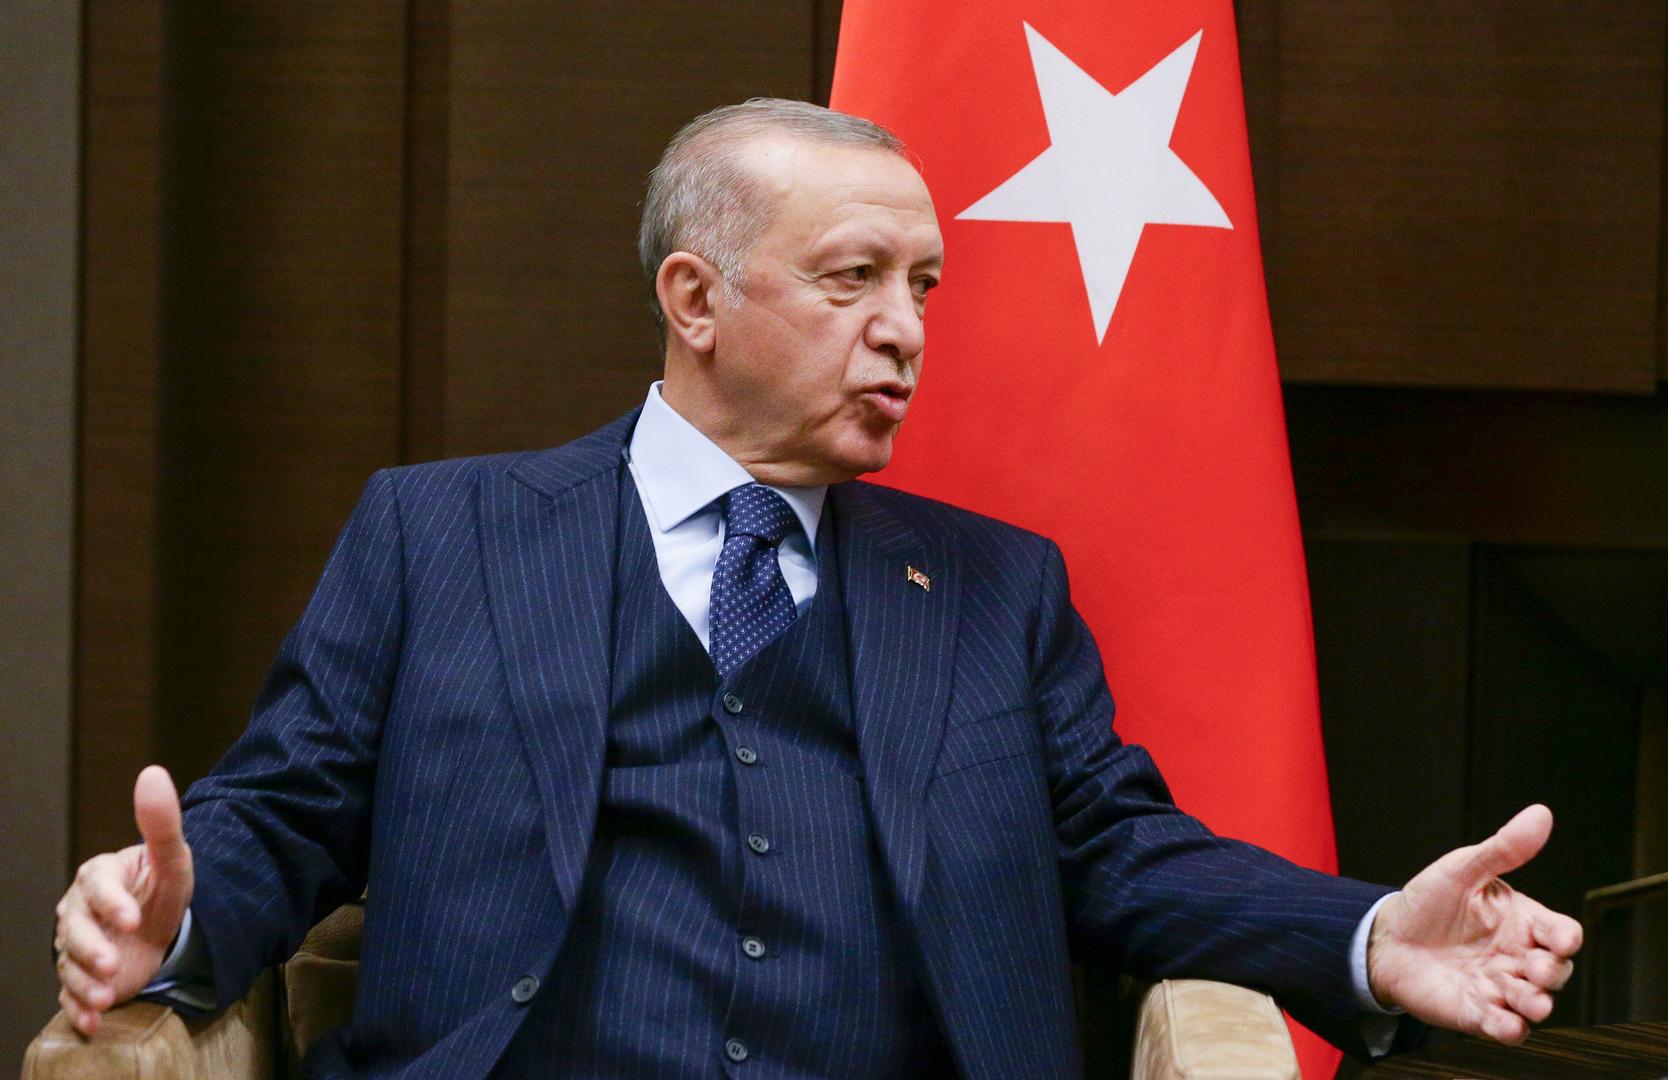 أردوغان يهدد باستخدام الأسلحة الثقيلة ضد الجيش السوري